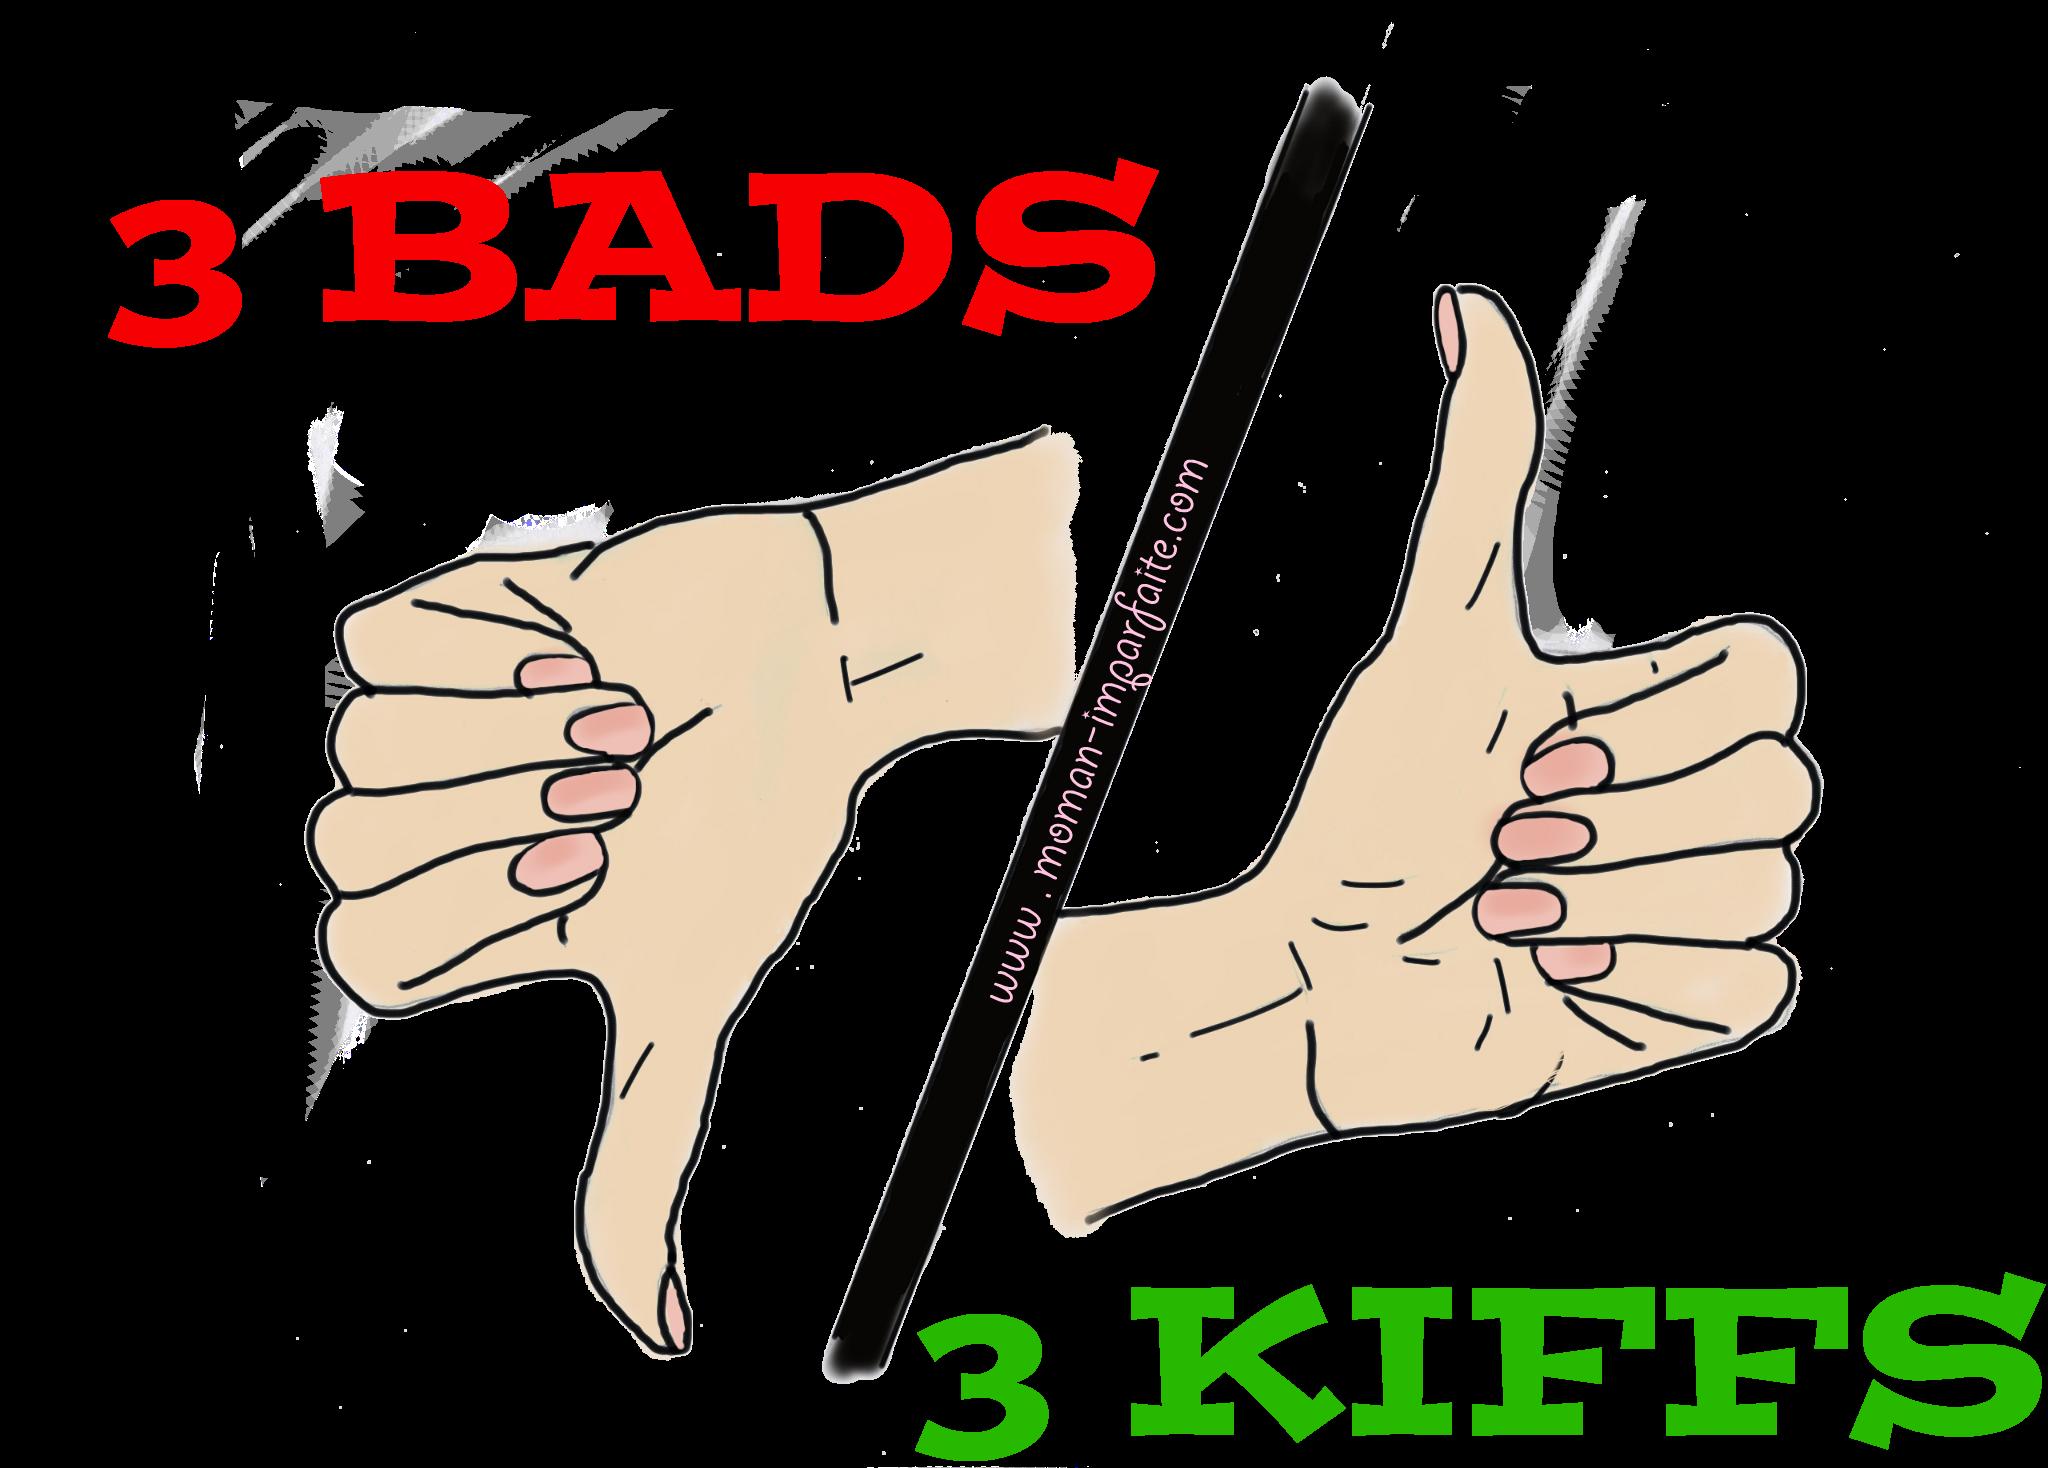 Bads Kiffs